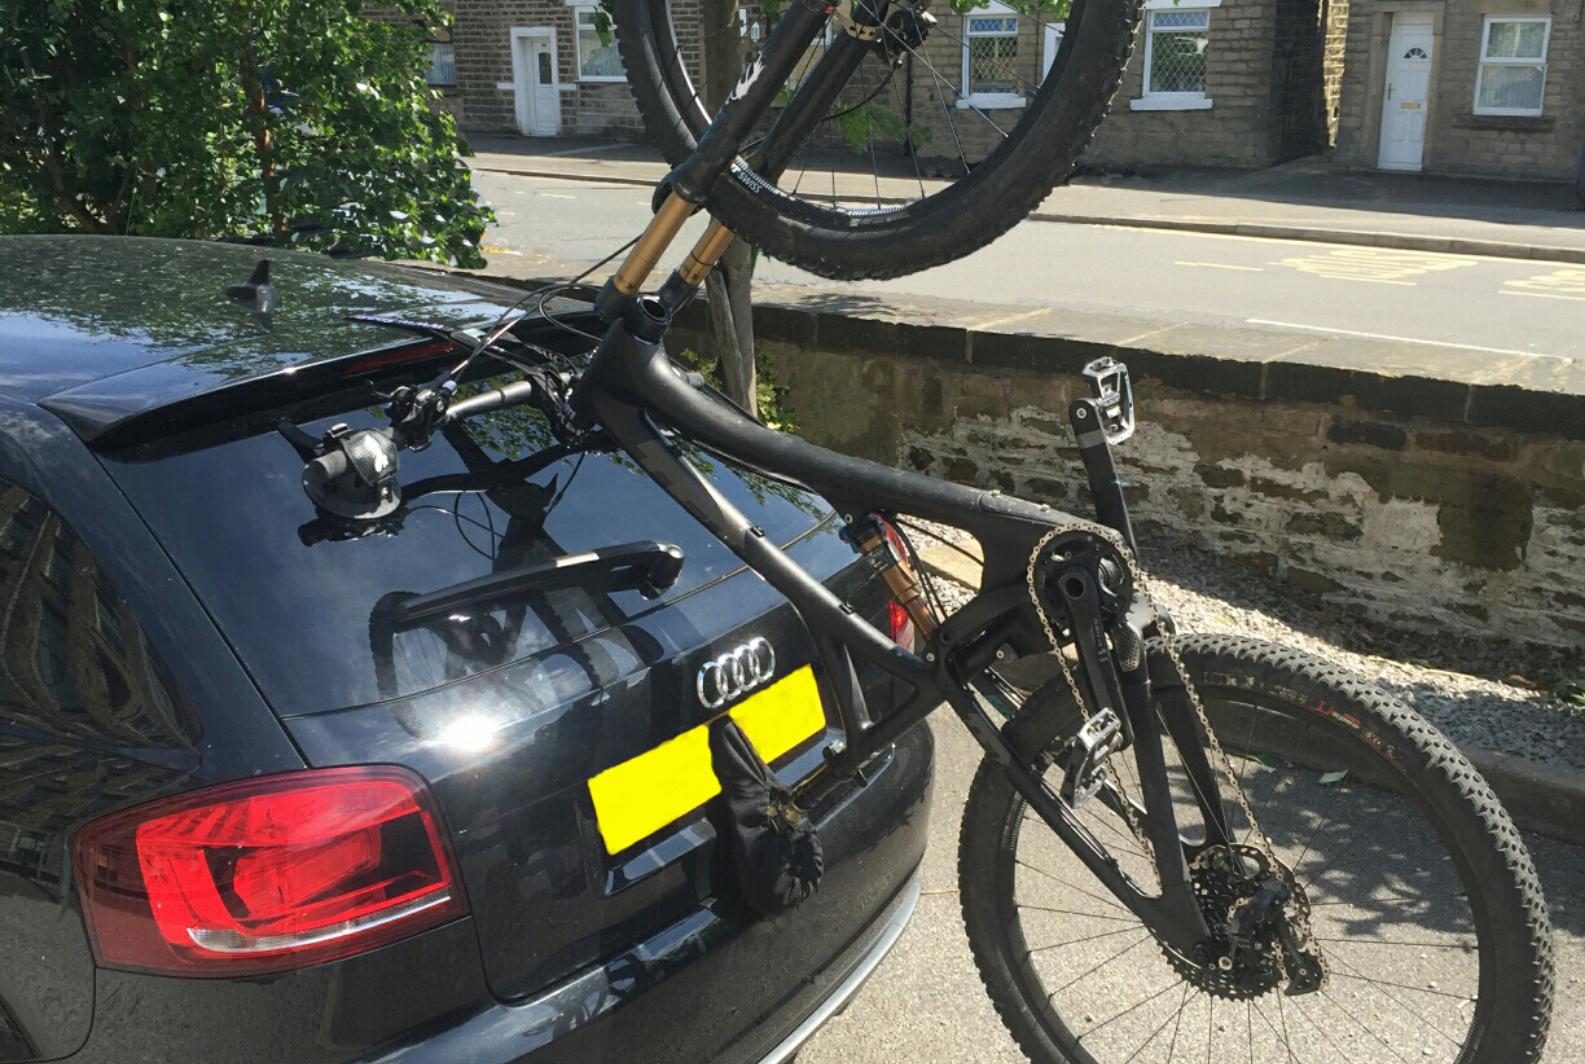 Audi A3 Bike Rack Buyers Guide 2020